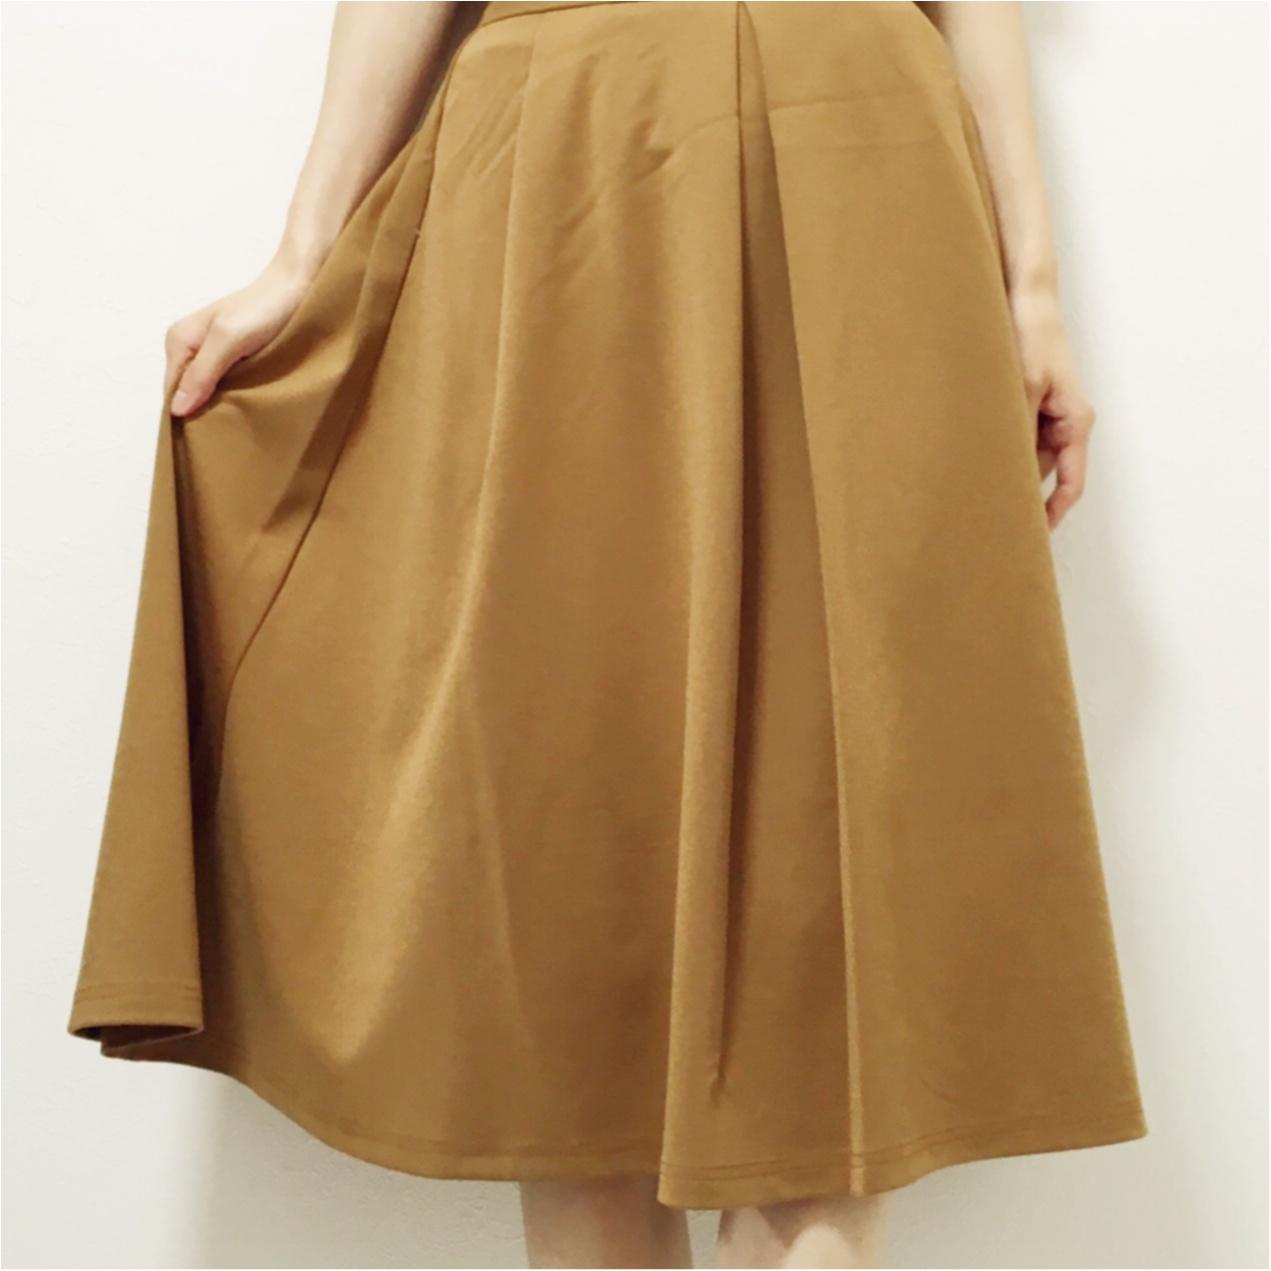 秋はブラウンが主役 ♡ GUスカートでプチプラ秋コーデ♪_1